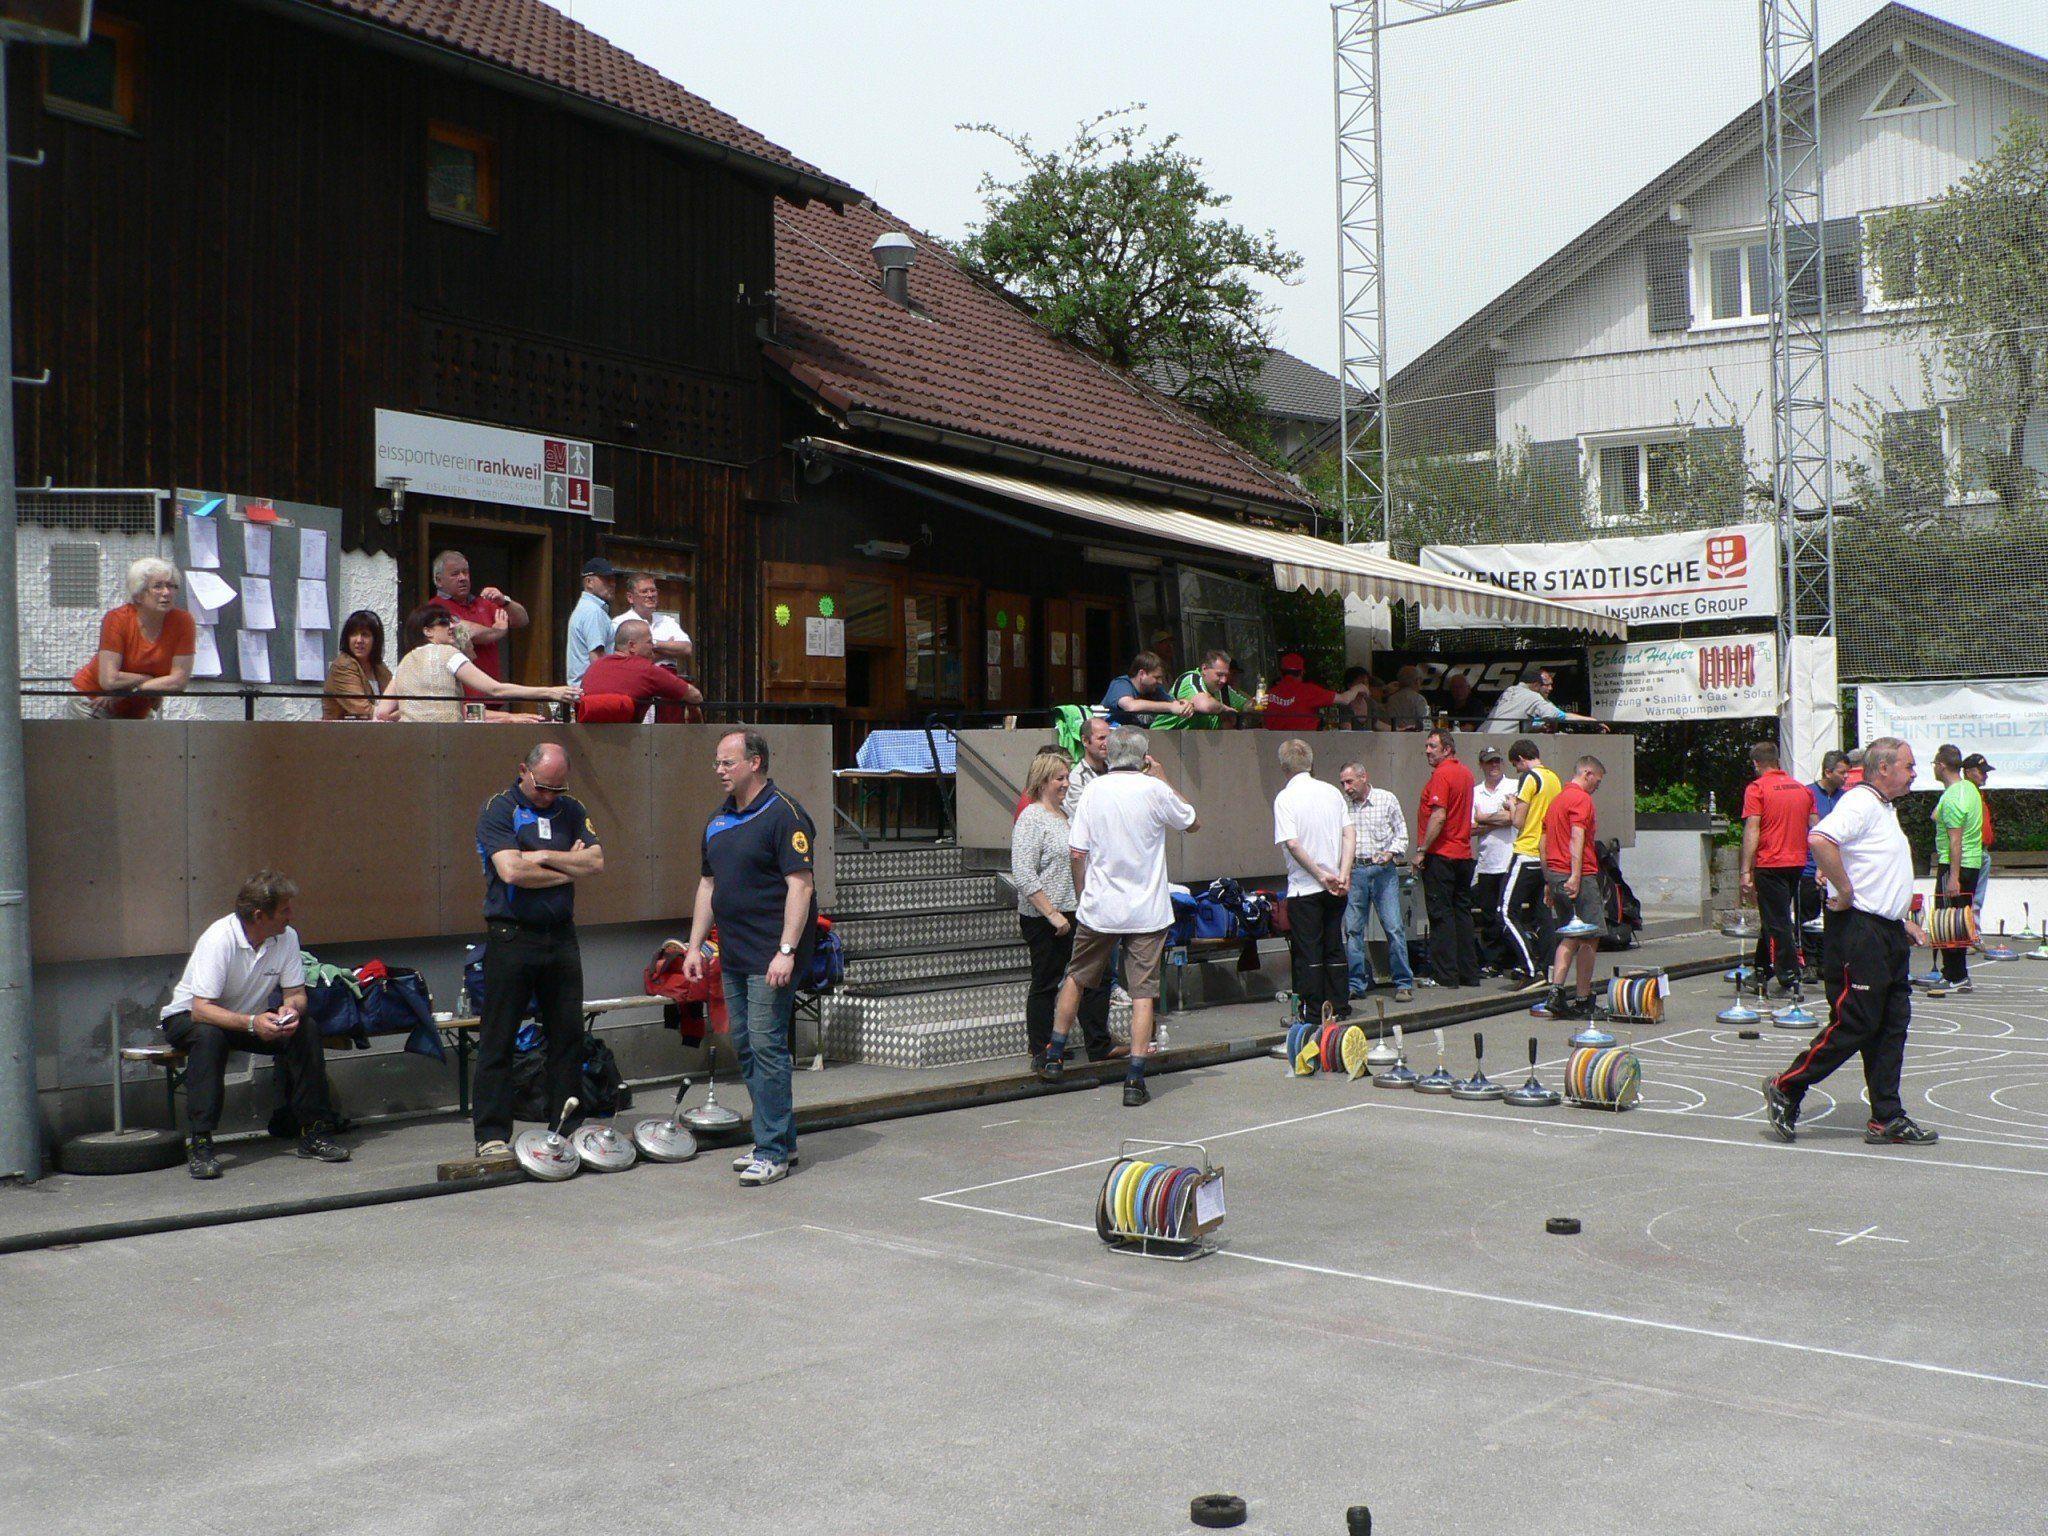 Stocksport vom Feinsten wartet auf die Zuschauer bei den landesweiten Titelkämpfen in Rankweil.